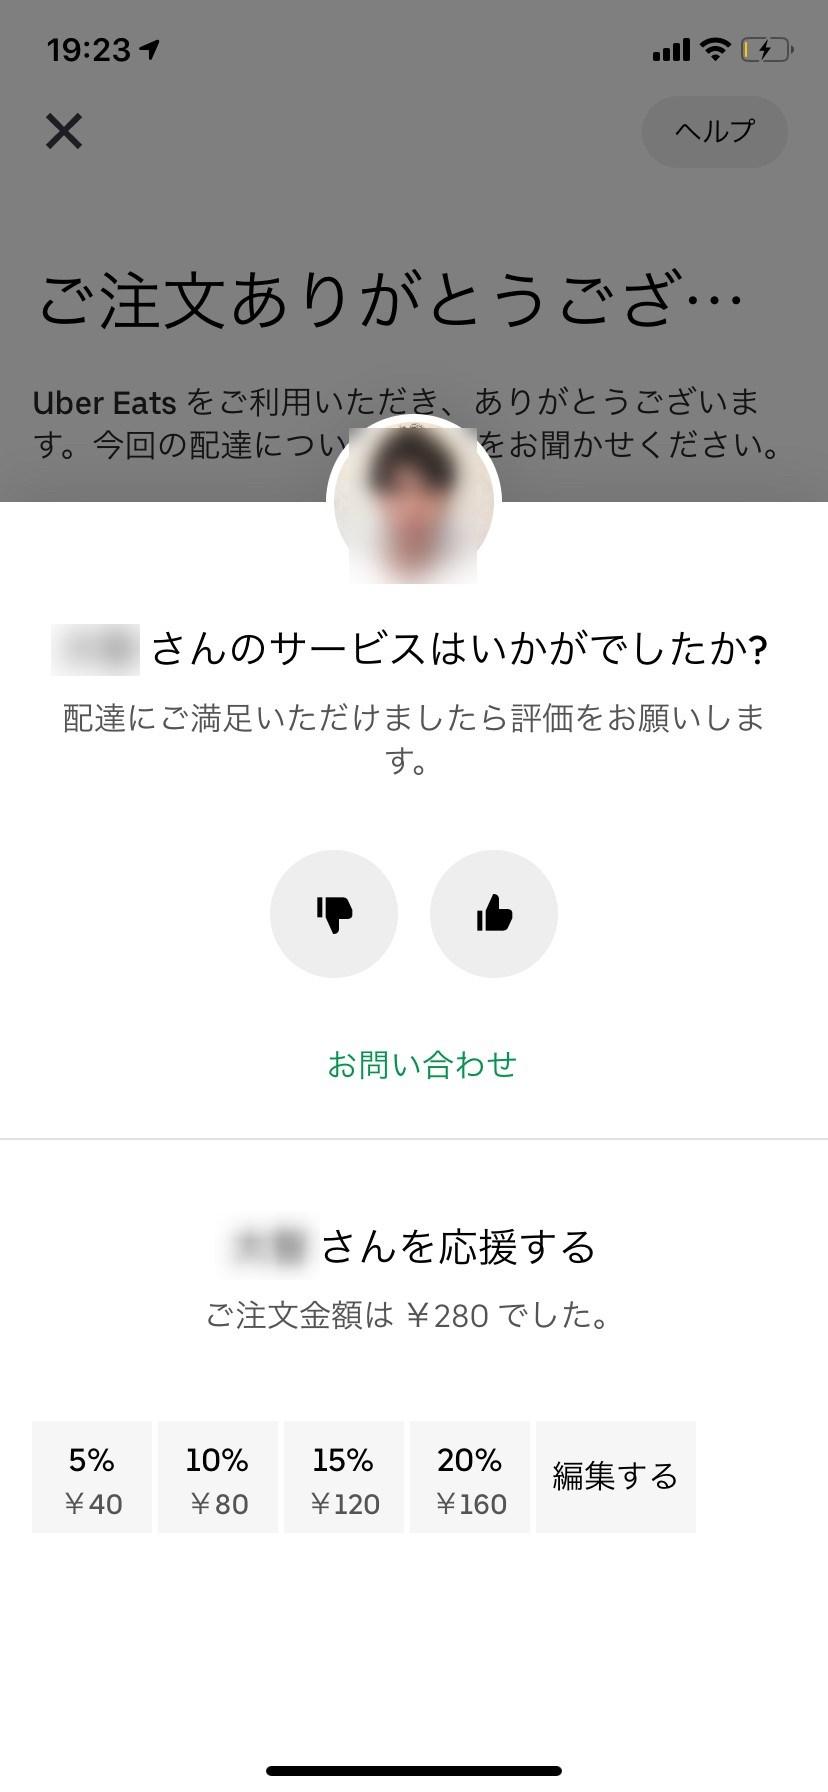 イーツ 茅ヶ崎 ウーバー